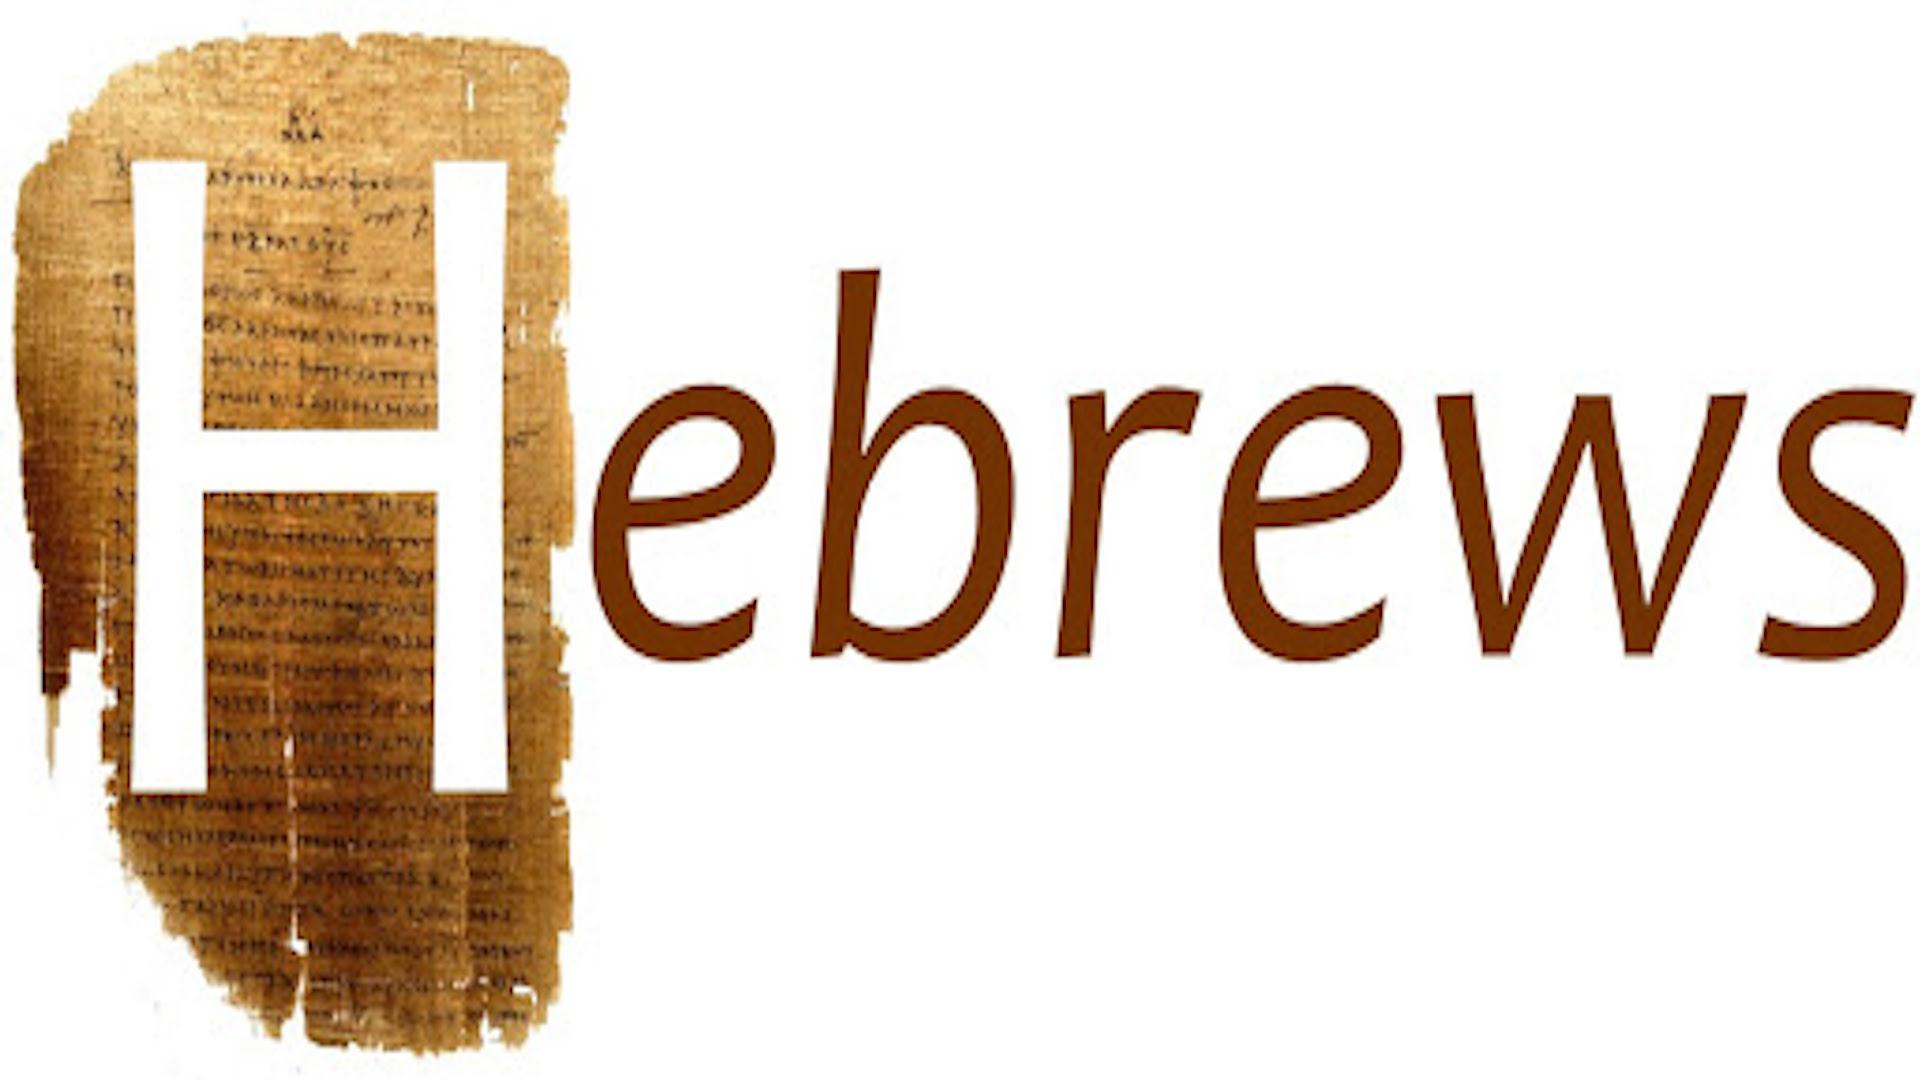 Hebrews 1:4-12